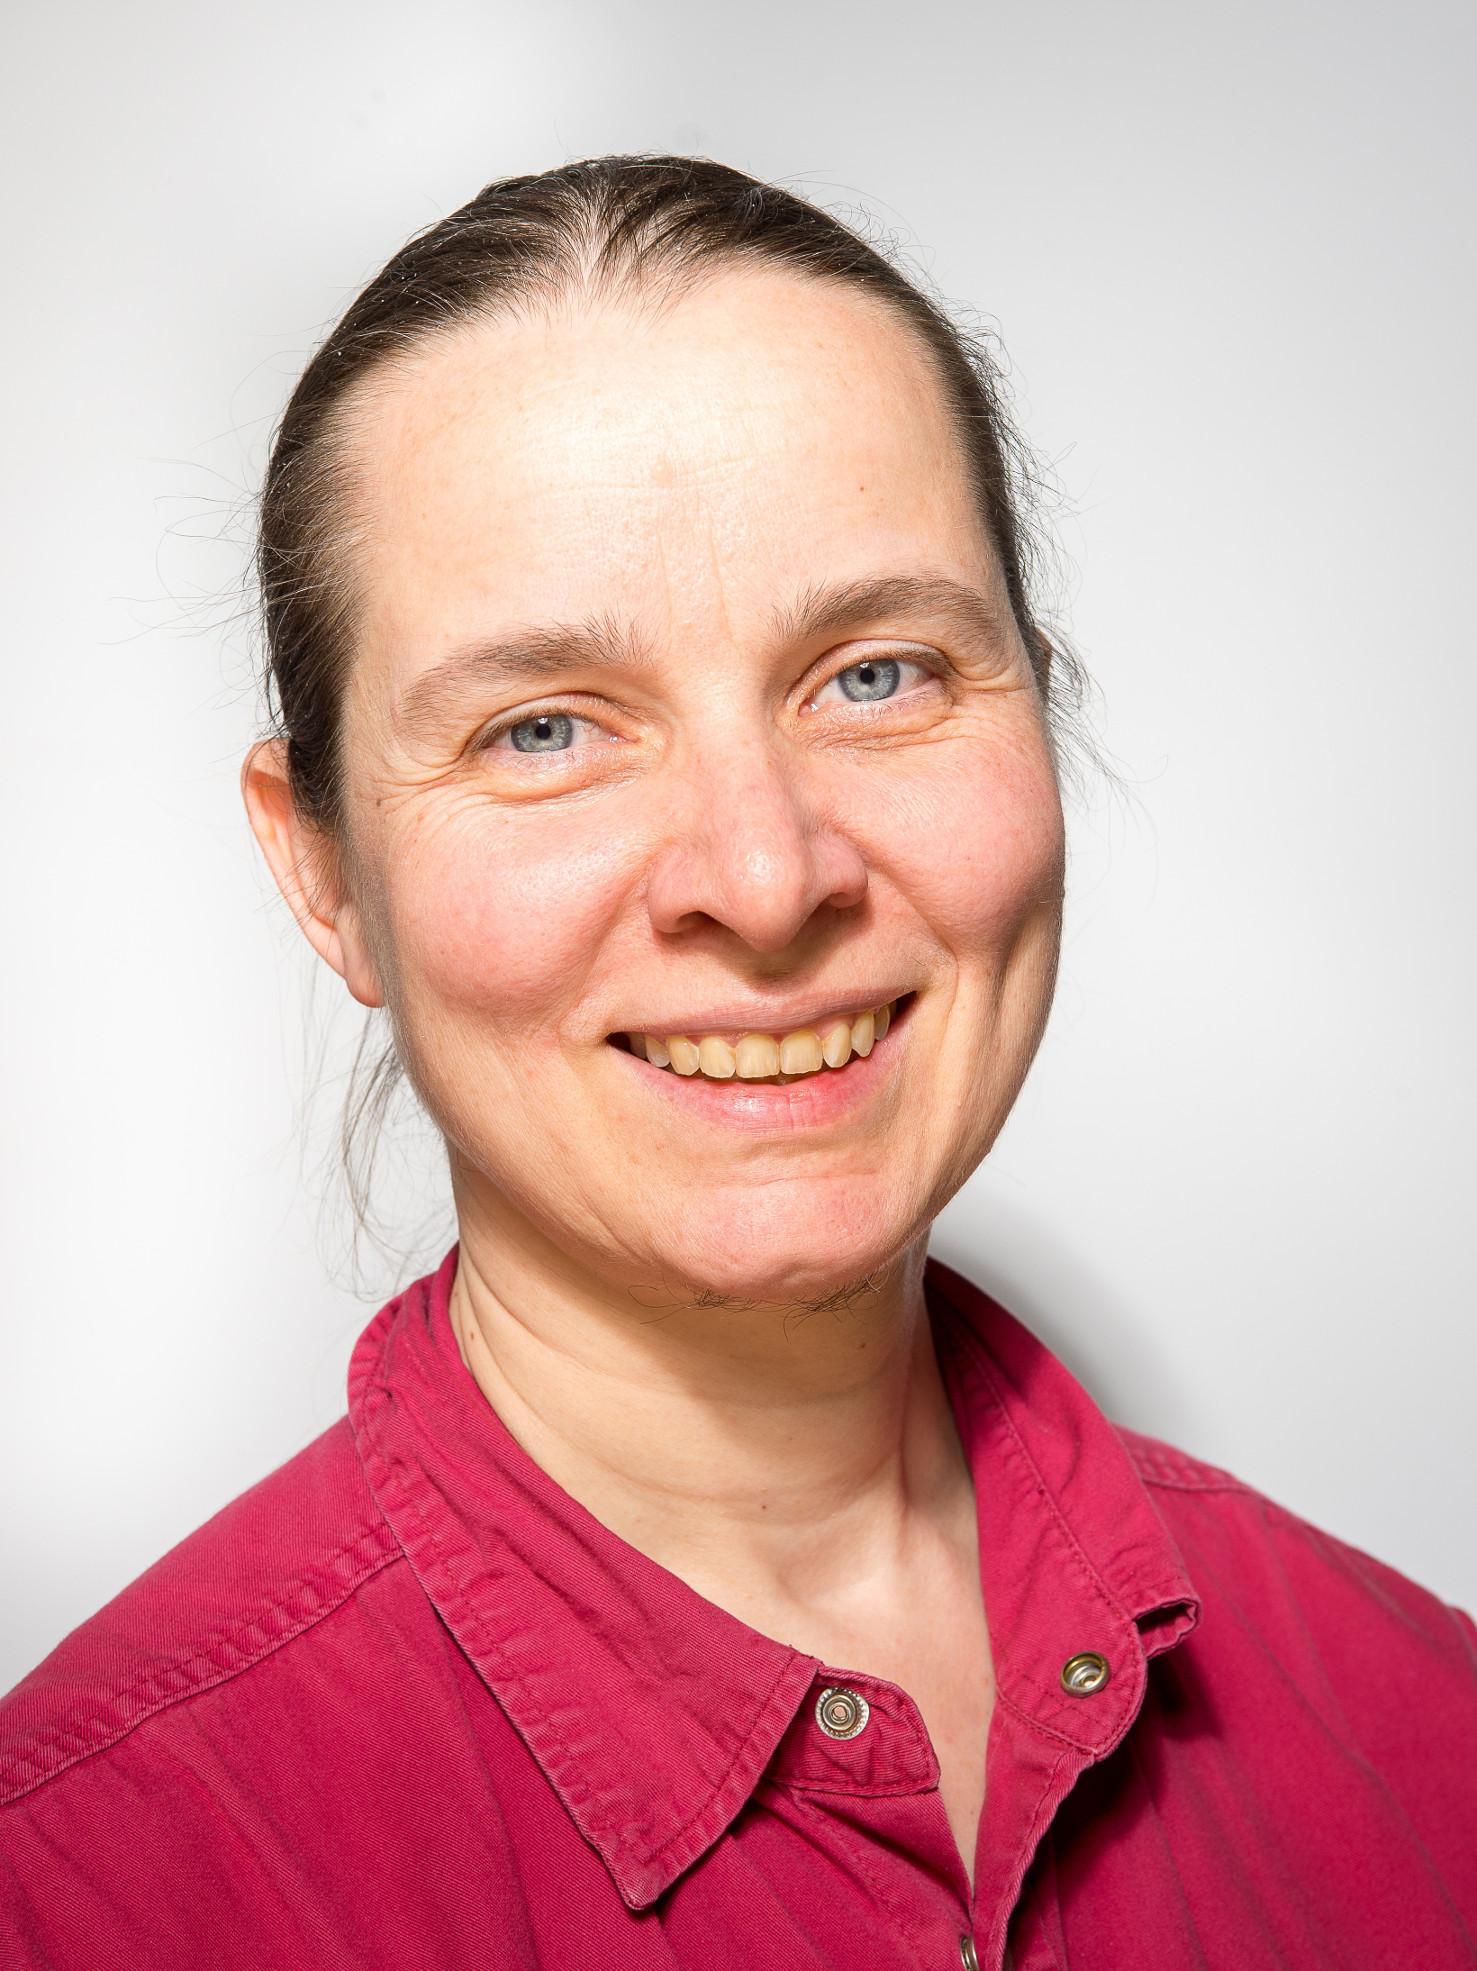 Prof. Dr. Anne Frühbis-Krüger